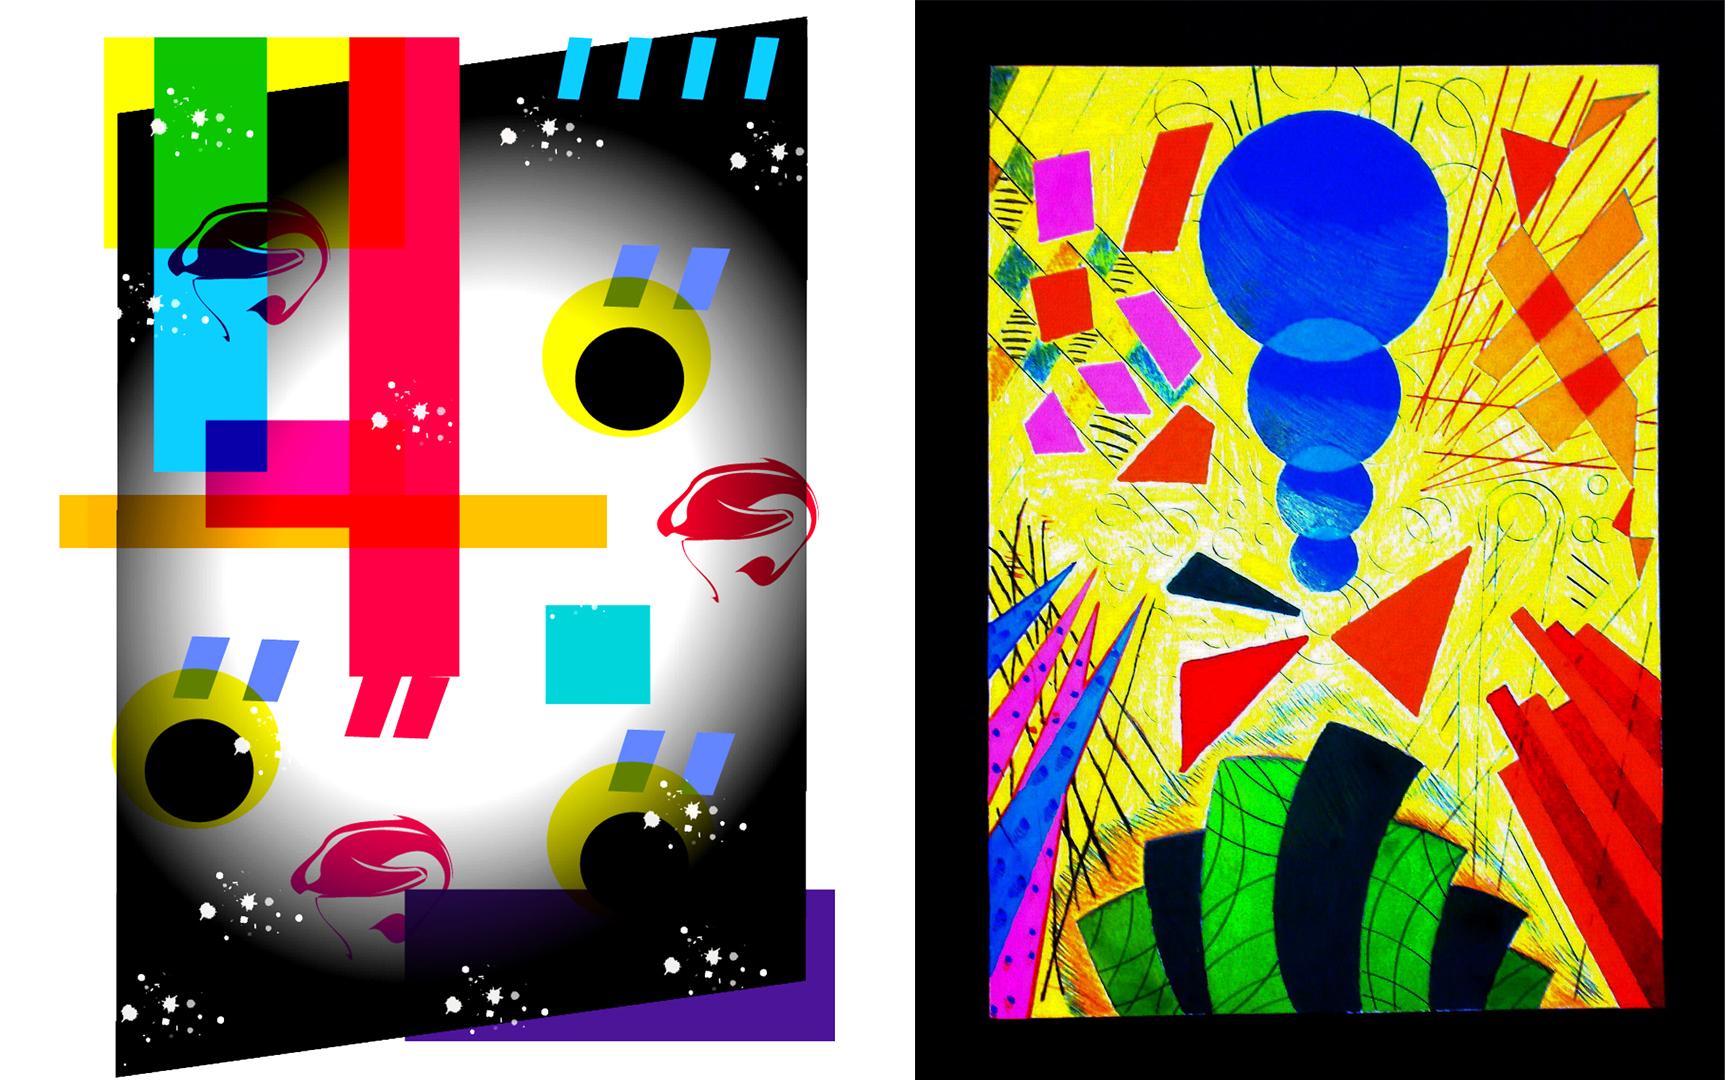 Abstract Art Shape By Davienvalentine On Deviantart